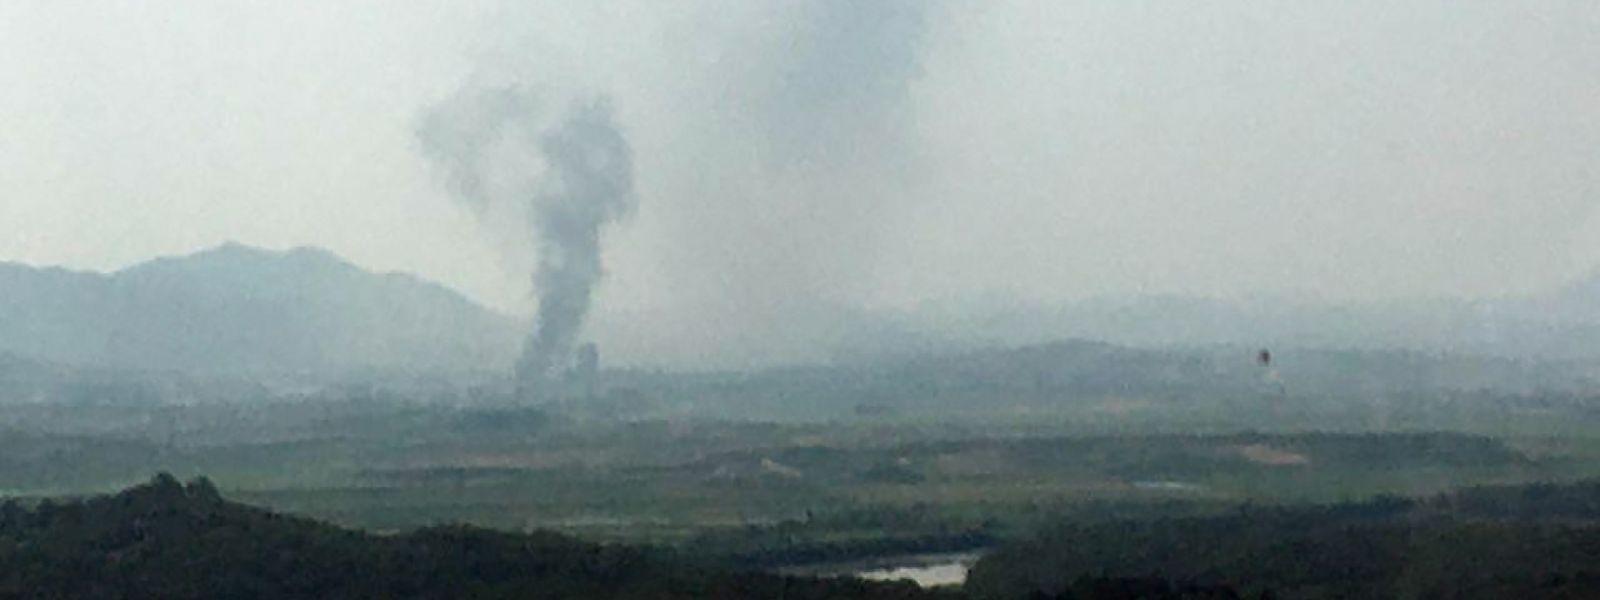 Rauch steigt in der nordkoreanischen Grenzstadt Kaesong auf.